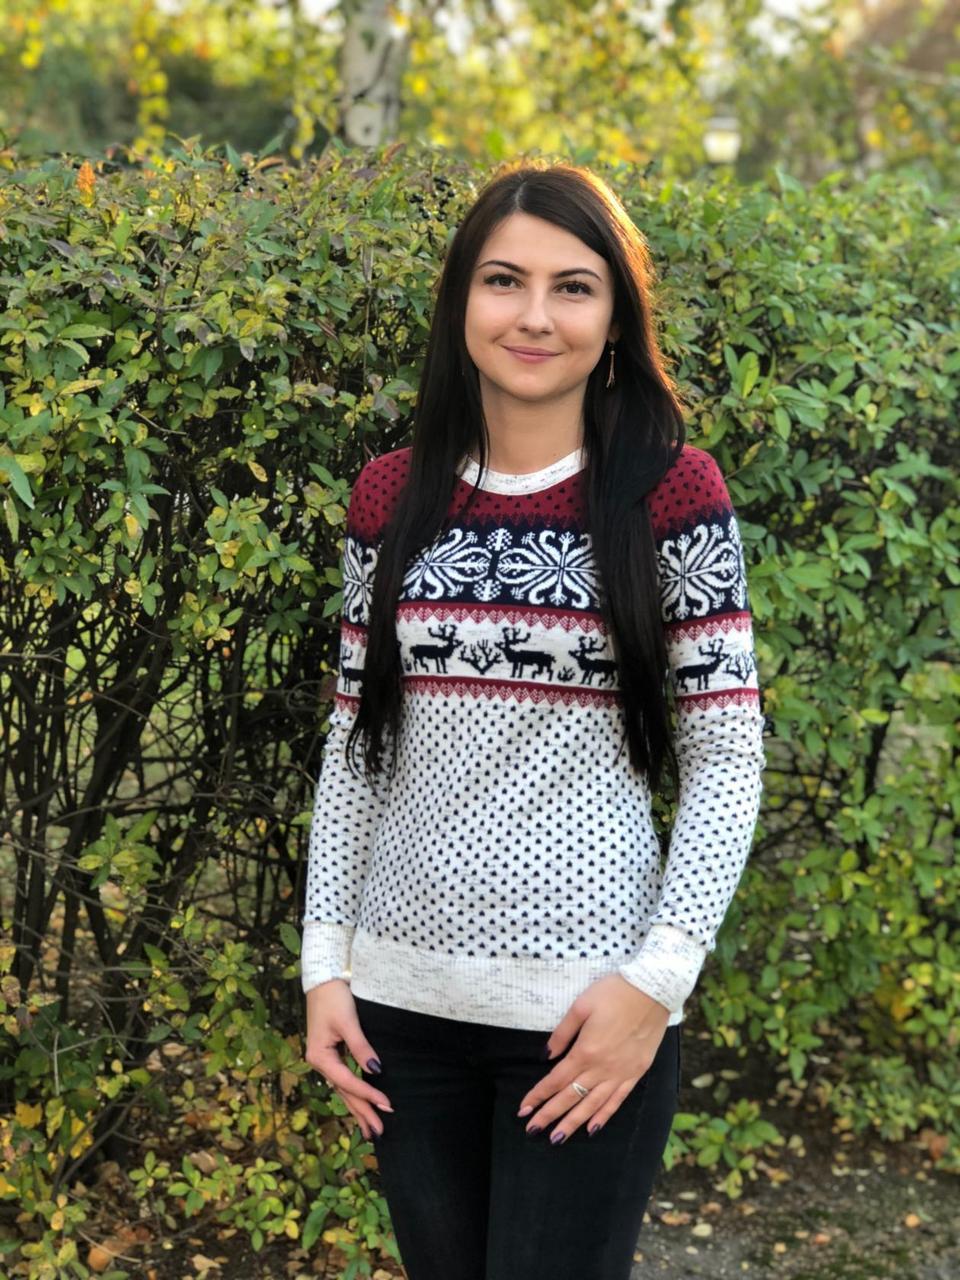 Стильный женский свитер мягка качественная вязки с добавлением  полушерсти 44, 46, 48 размер норма и батал